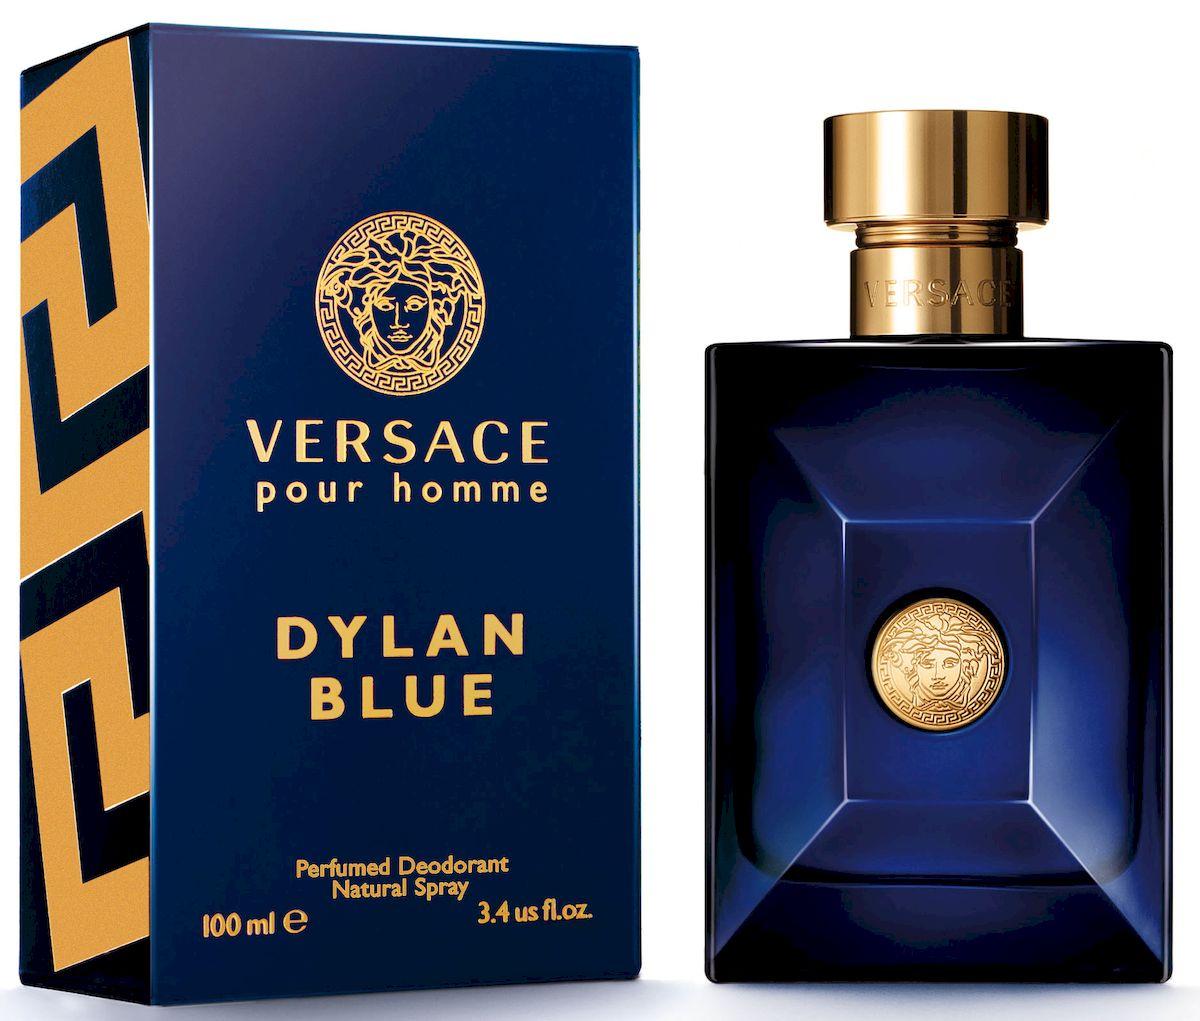 Versace Dylan Blue Дезодорант спрей 100 млFS-00897Dylan Blue - это воплощение современного мужчины Versace. Этот аромат с ярким индивидуальным характером пронизан мужественностью и харизмой. Уникальность этого фужерного аромата заключается в ярком древесном шлейфе - неповторимом сочетании природных компонентов и синтетических молекул последнего поколения.Верхняя нота: Калабрийский бергамот, Грейпфрут, Листья фигового дерева, Акватические ноты* (*фантазийный аккорд морской свежести).Средняя нота: Листья фиалки, Черный перец, Киприол, Амброксан, Пачули BIO.Шлейф: Минеральный мускус, Бобы тонка, Шафран, Ладан.Древесный ароматический фужерный.Dylan Blue - это воплощение современного мужчины Versace. Этот аромат с ярким индивидуальным характером пронизан мужественностью и харизмой.